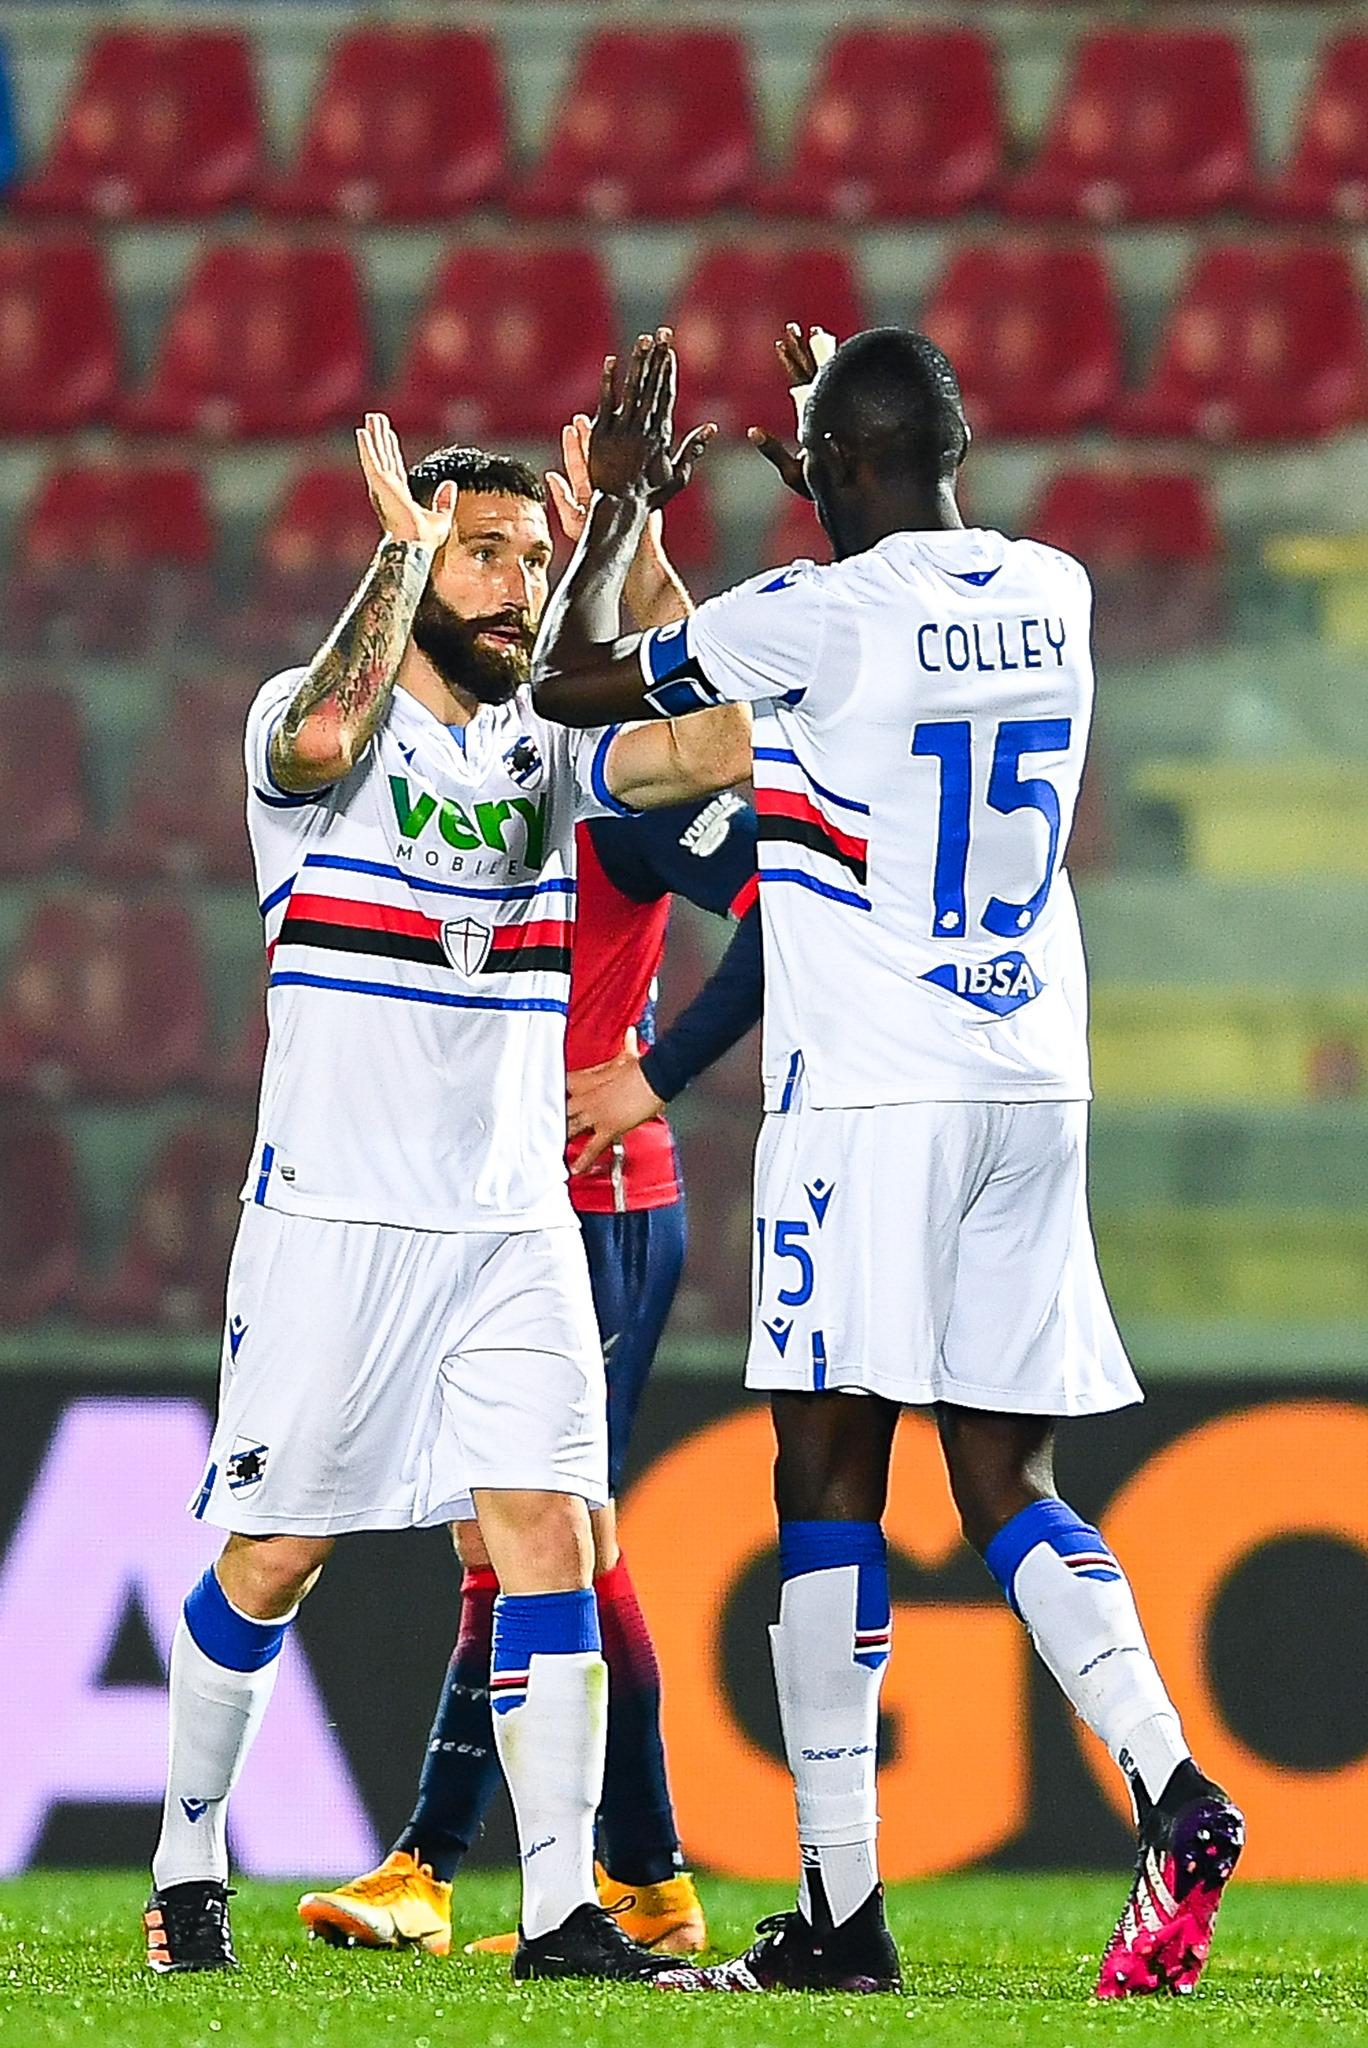 Colley e Tonelli festeggiano a fine match